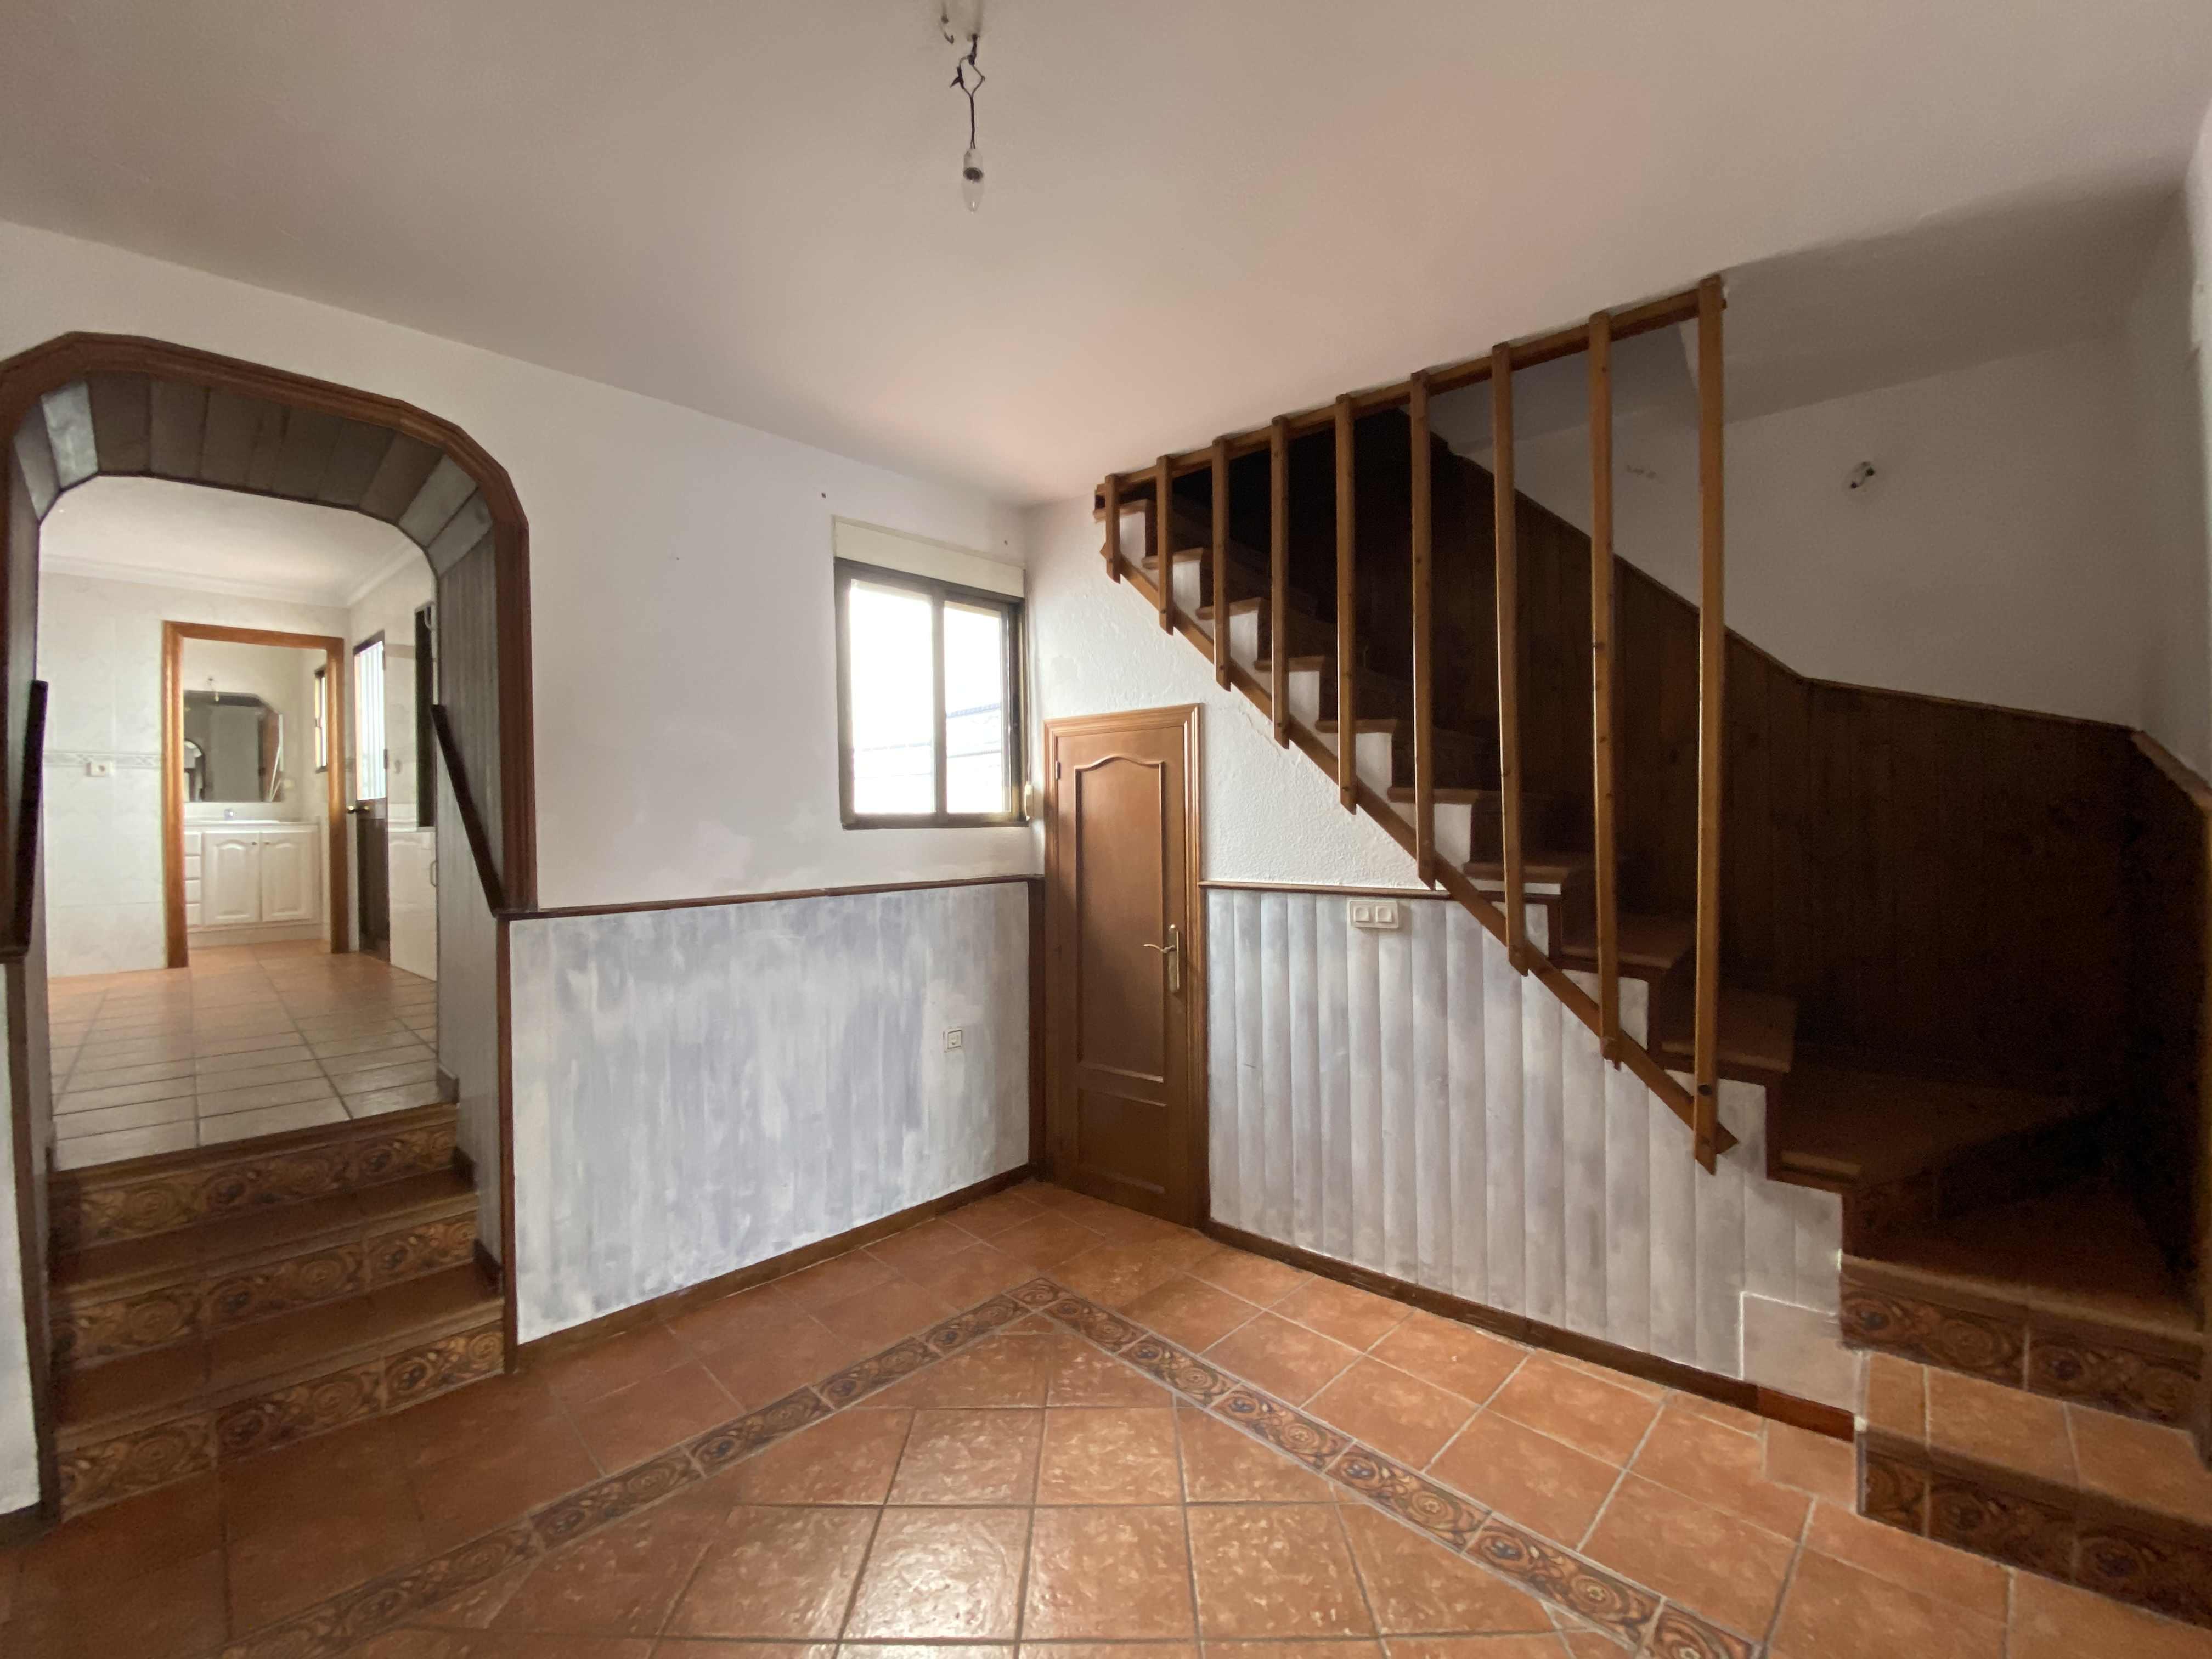 Piso en venta en Ayamonte, Huelva, Calle Marte, 148.000 €, 4 habitaciones, 141 m2